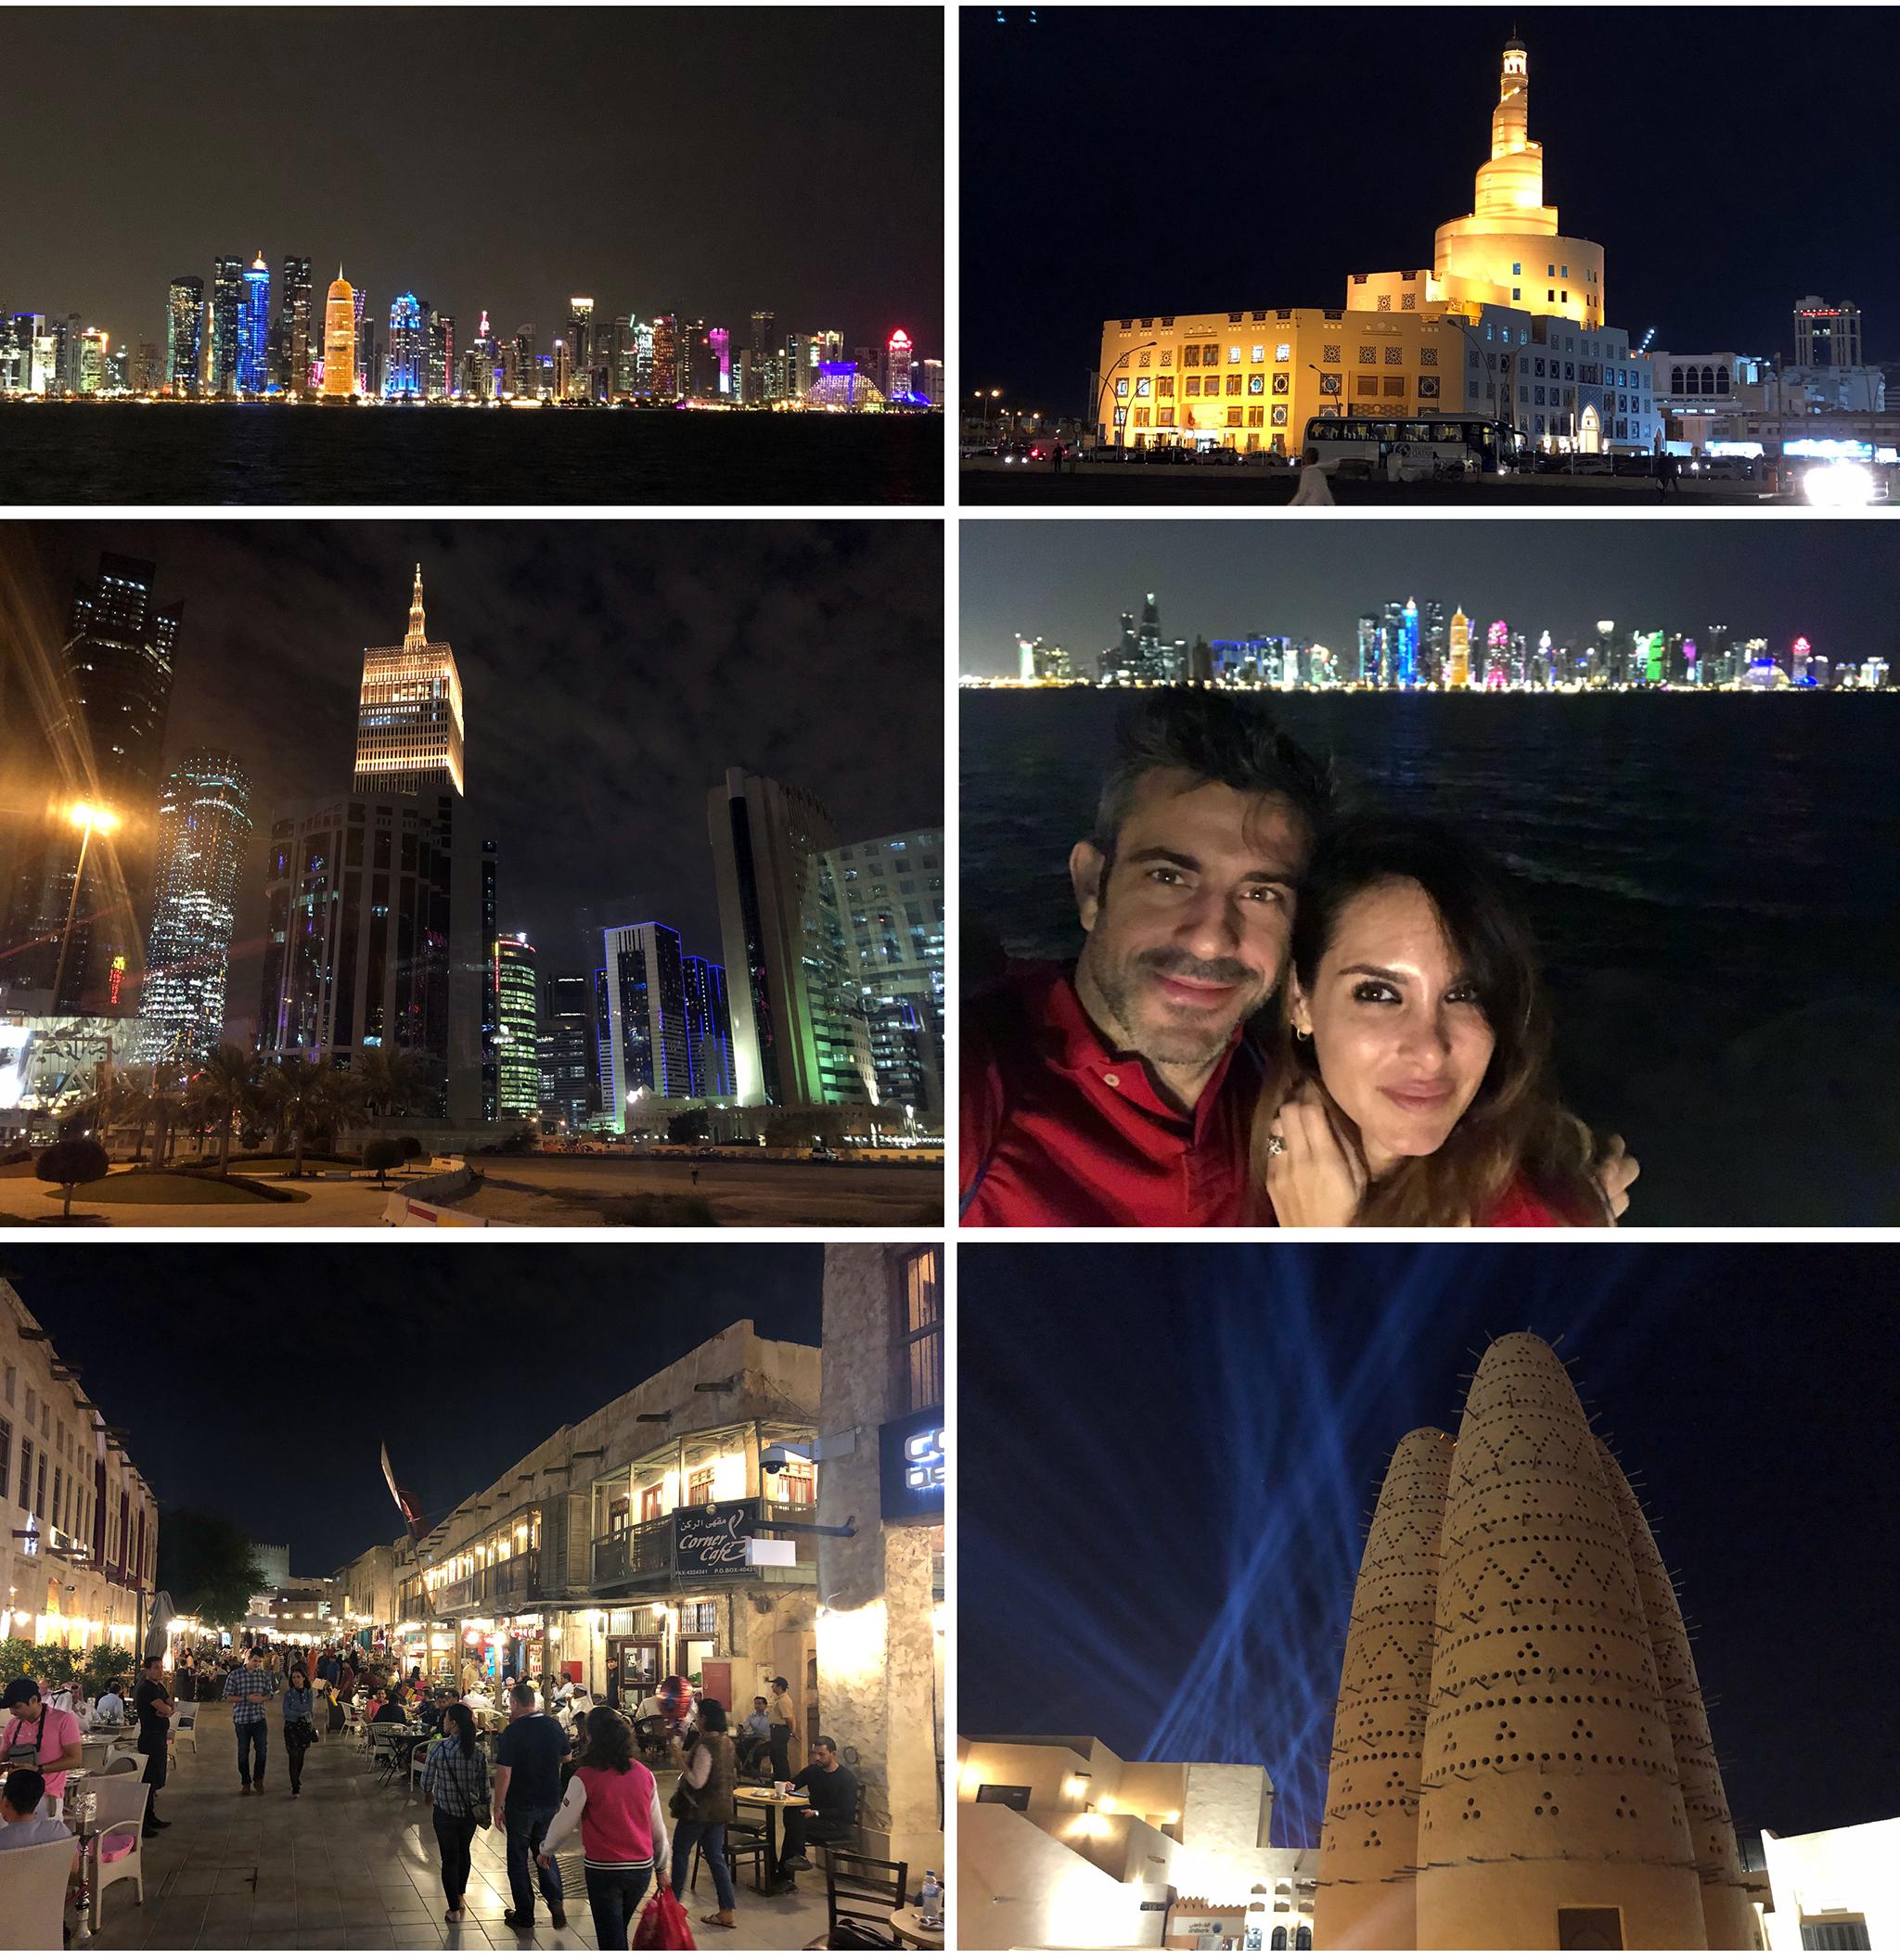 Memoria de viajes 2018 Viajes a Qatar  - 45792597254 fc2df64747 o - Memoria de Viajes 2018: El año de los Maratones